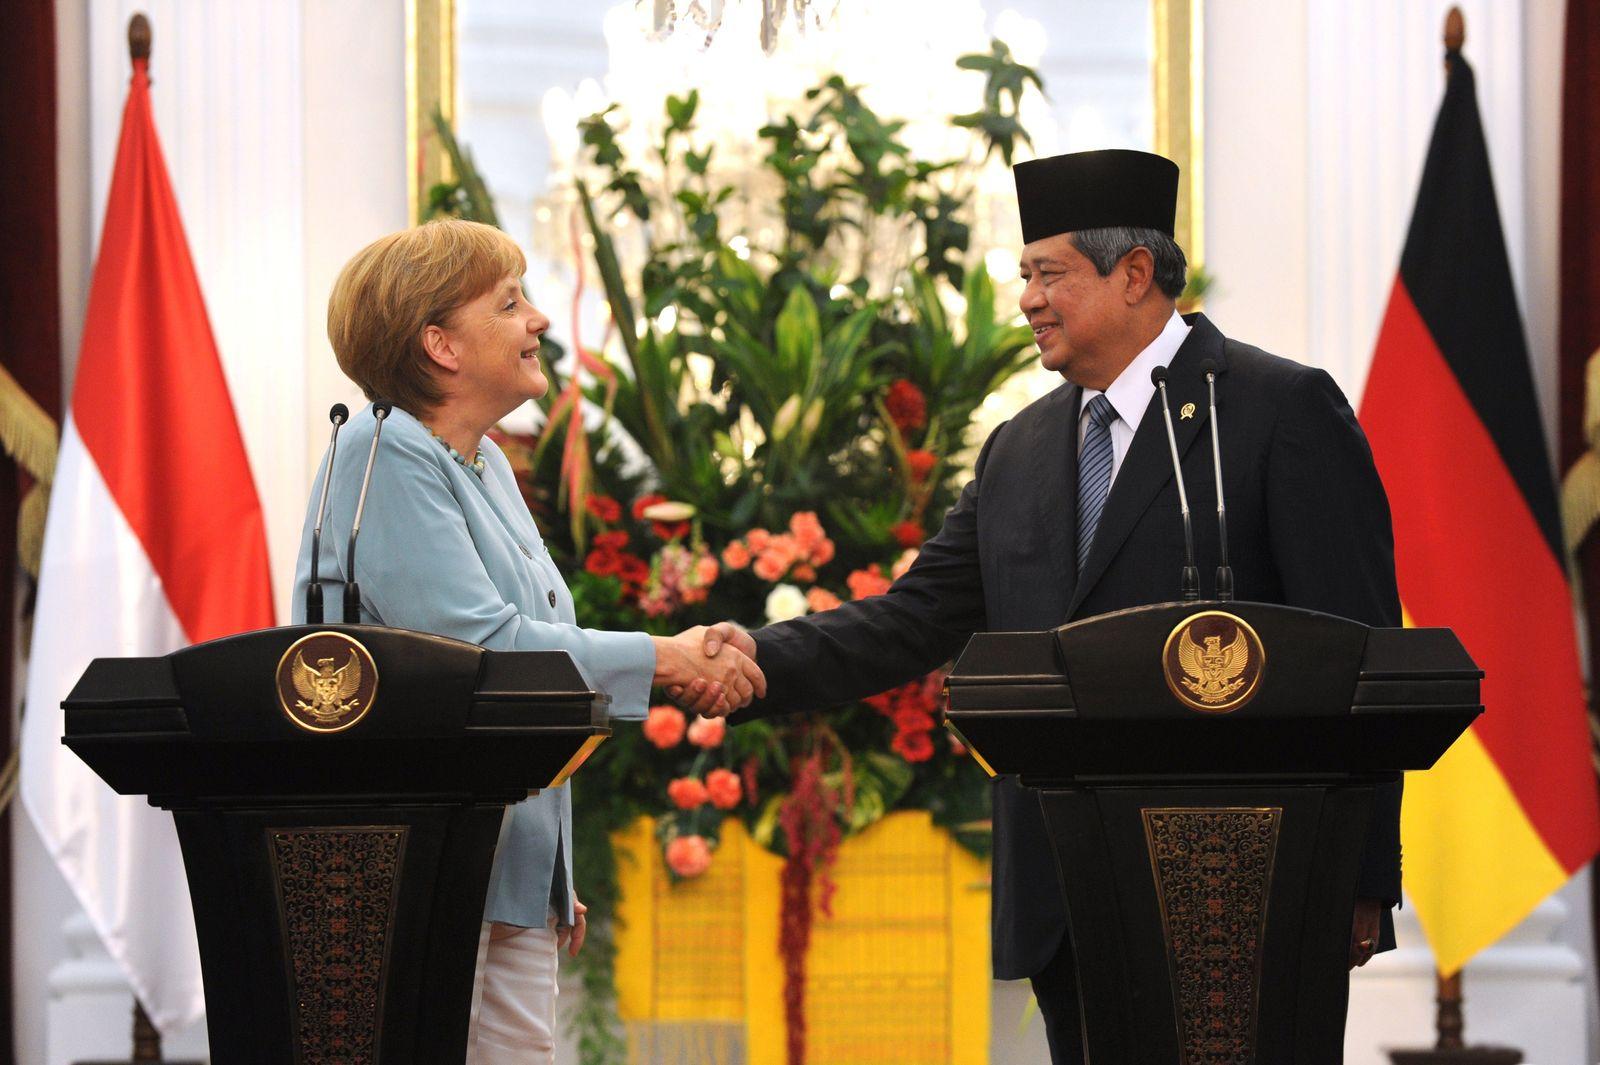 Merkel/ Yudhoyono